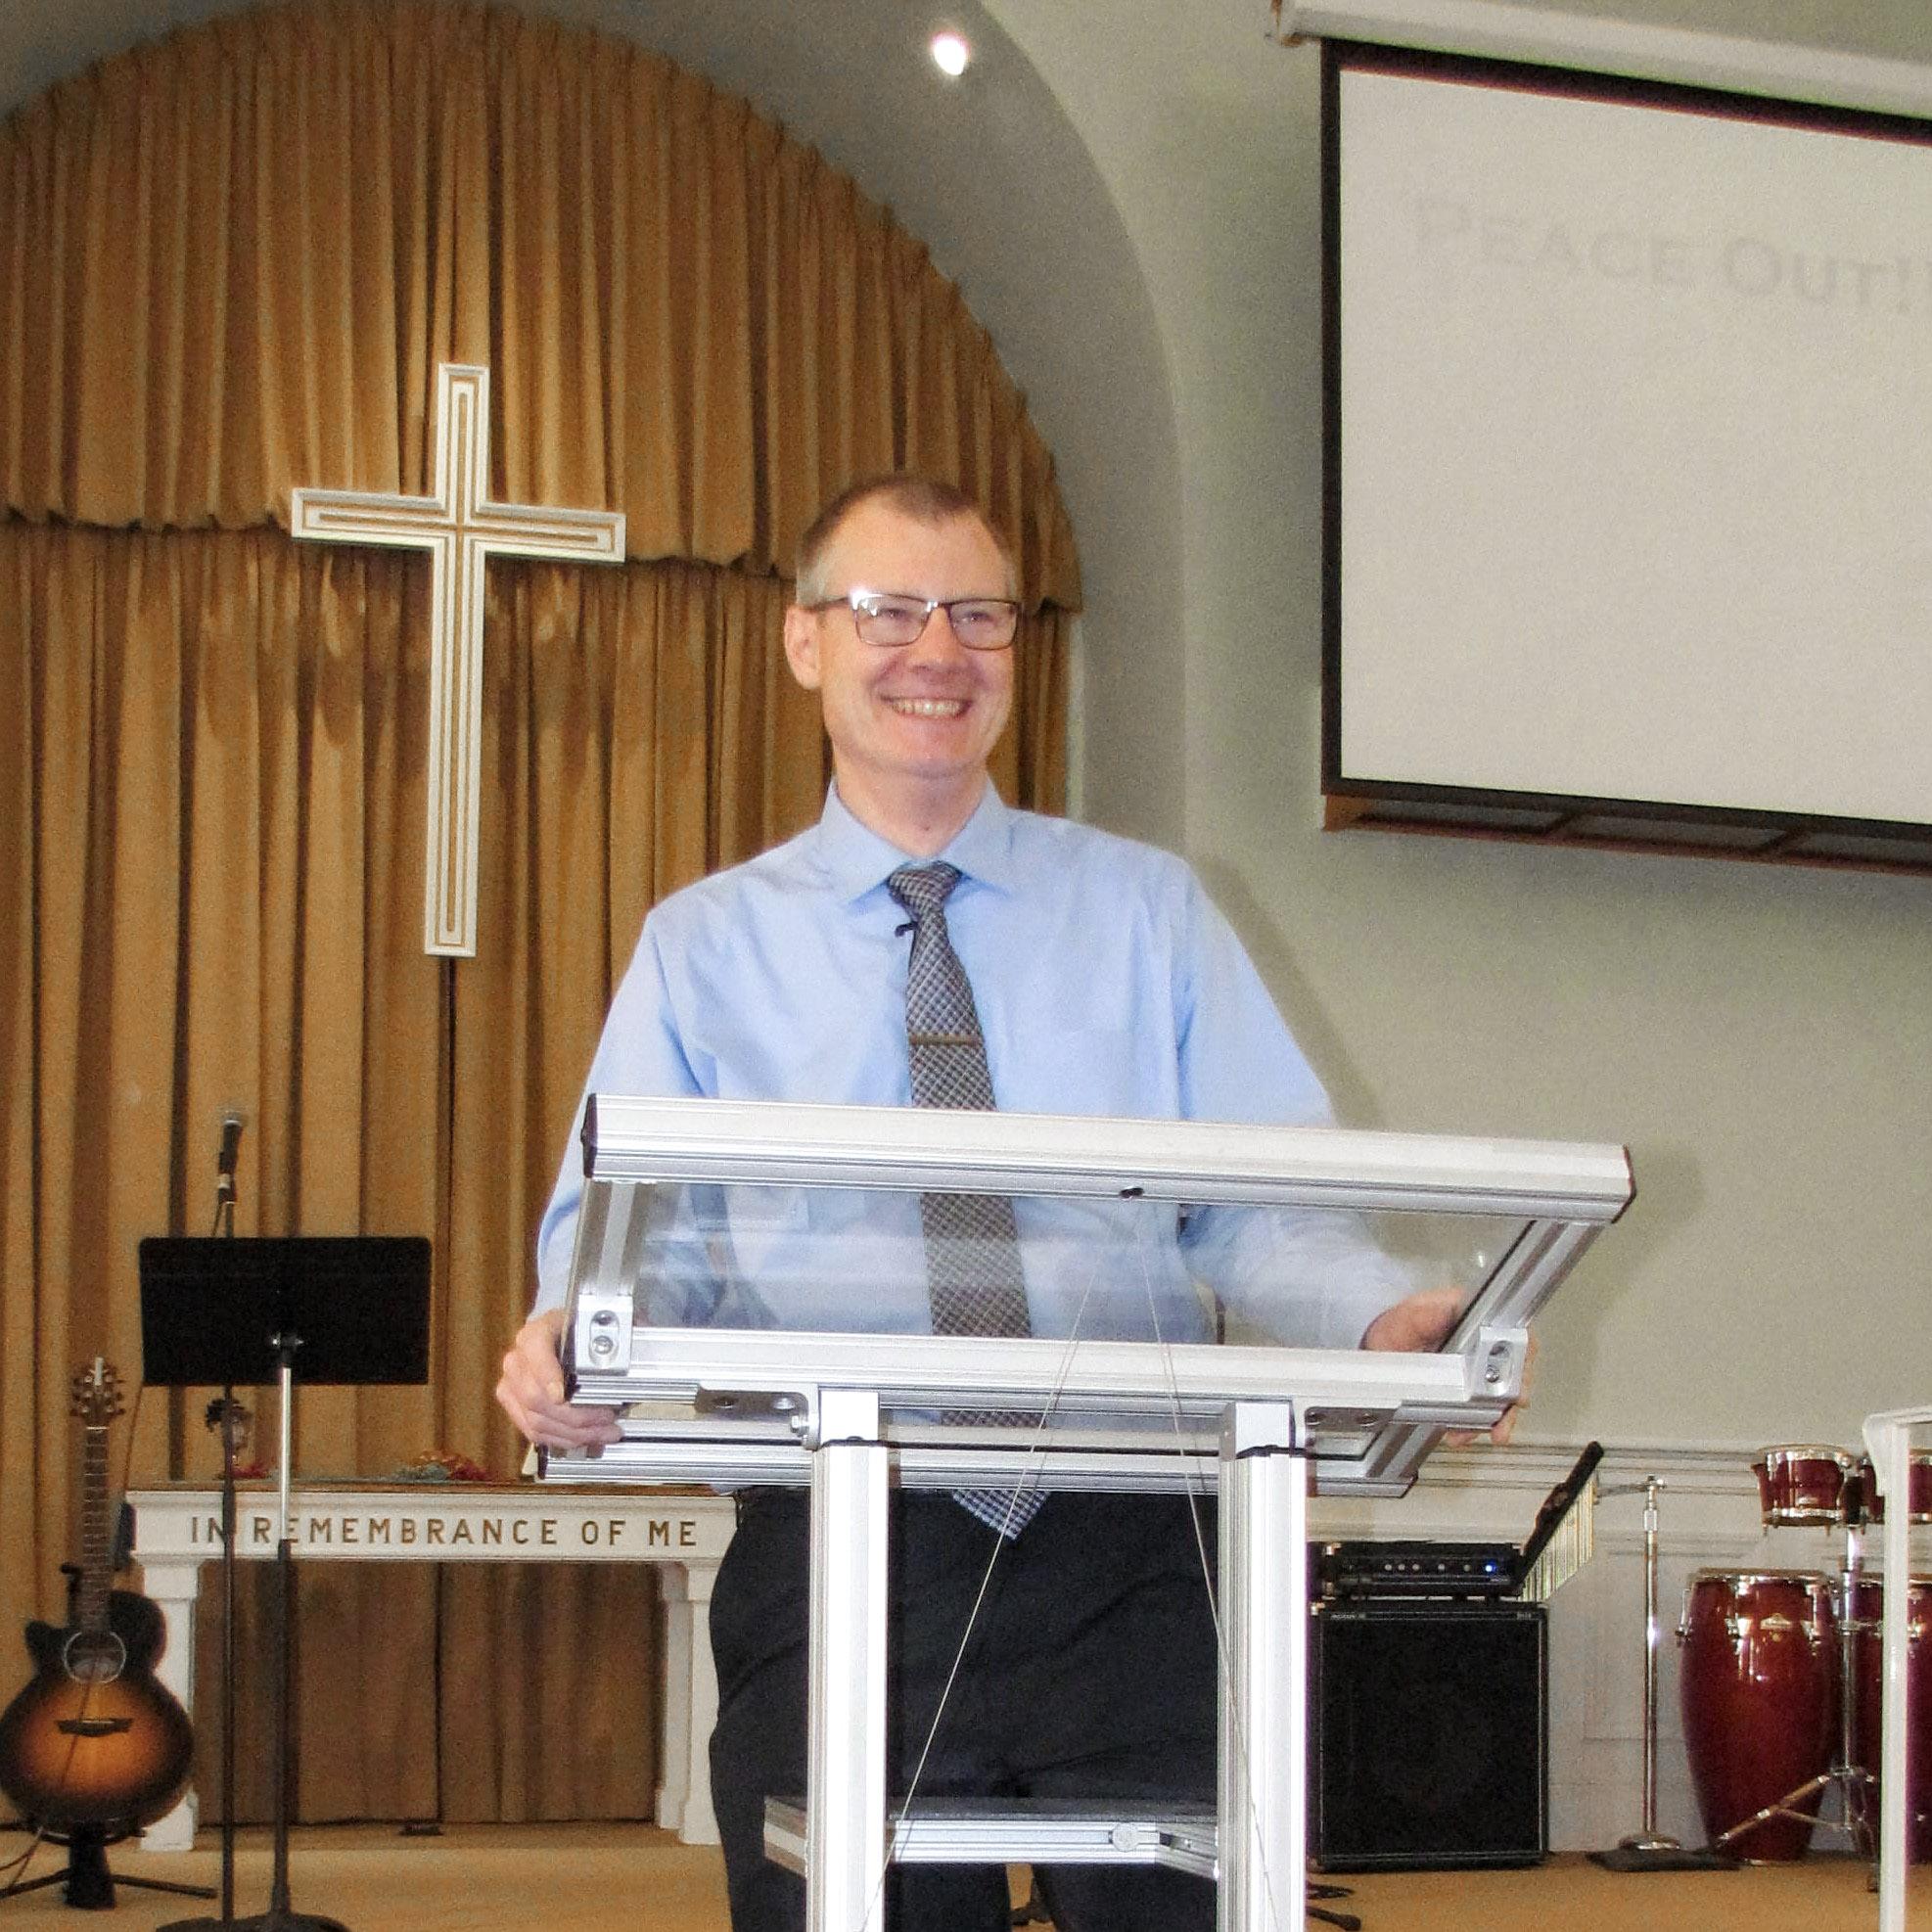 Rev. Tim Osborne